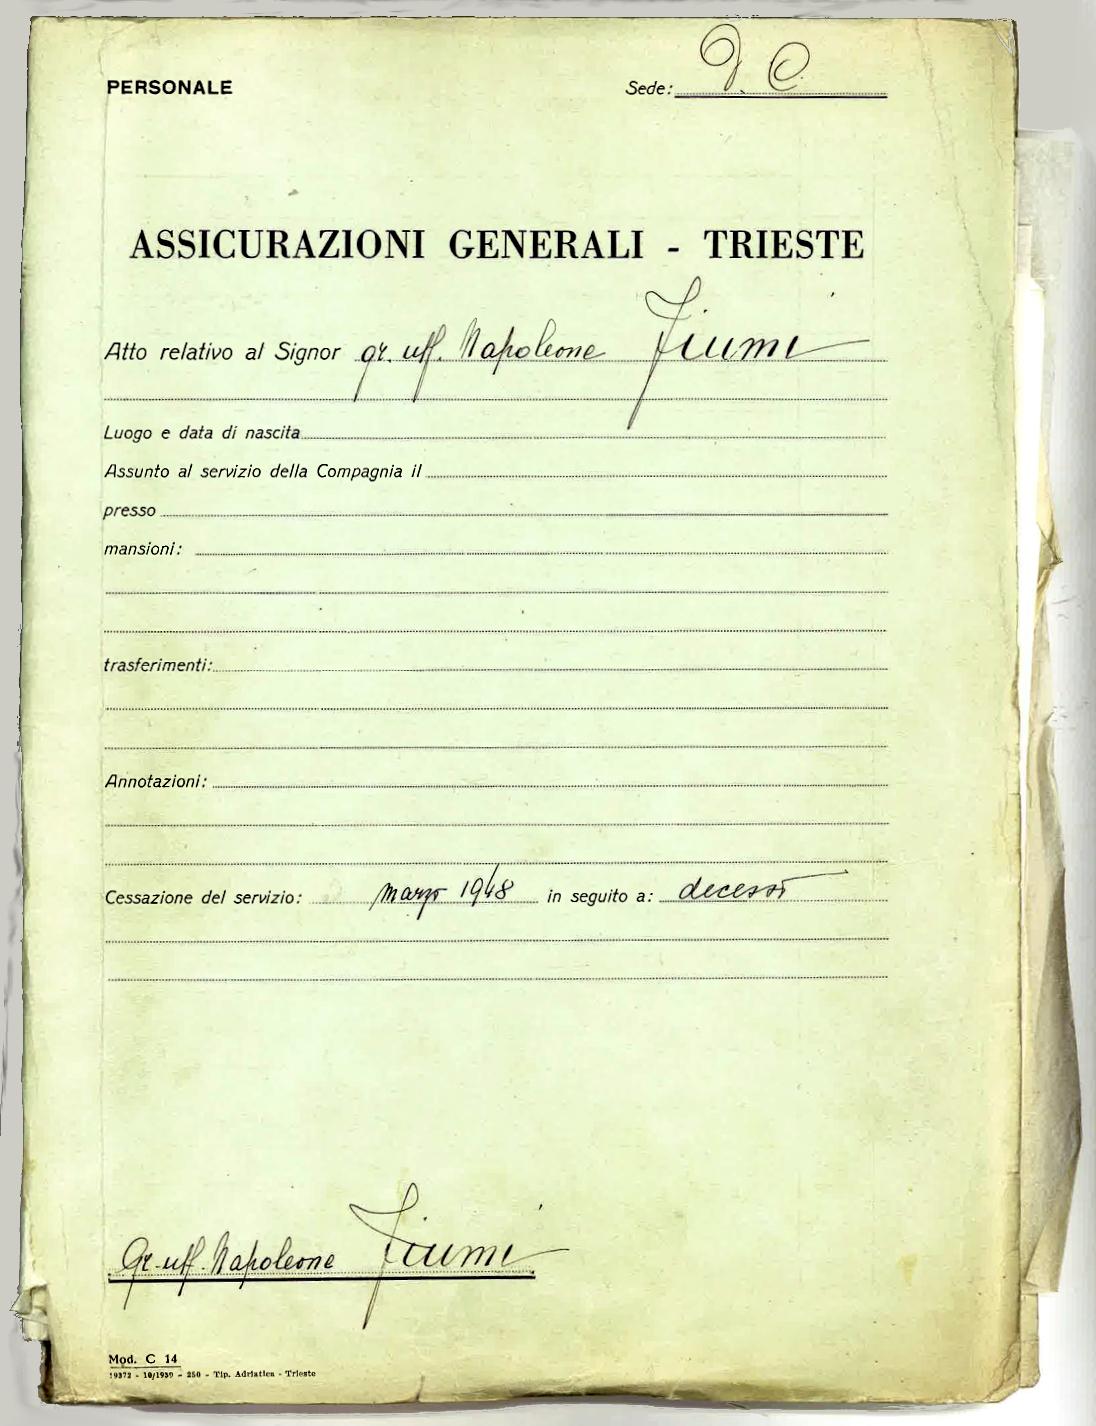 Fascicolo personale di Napoleone Giovanni Fiumi (1940-1948), coperta